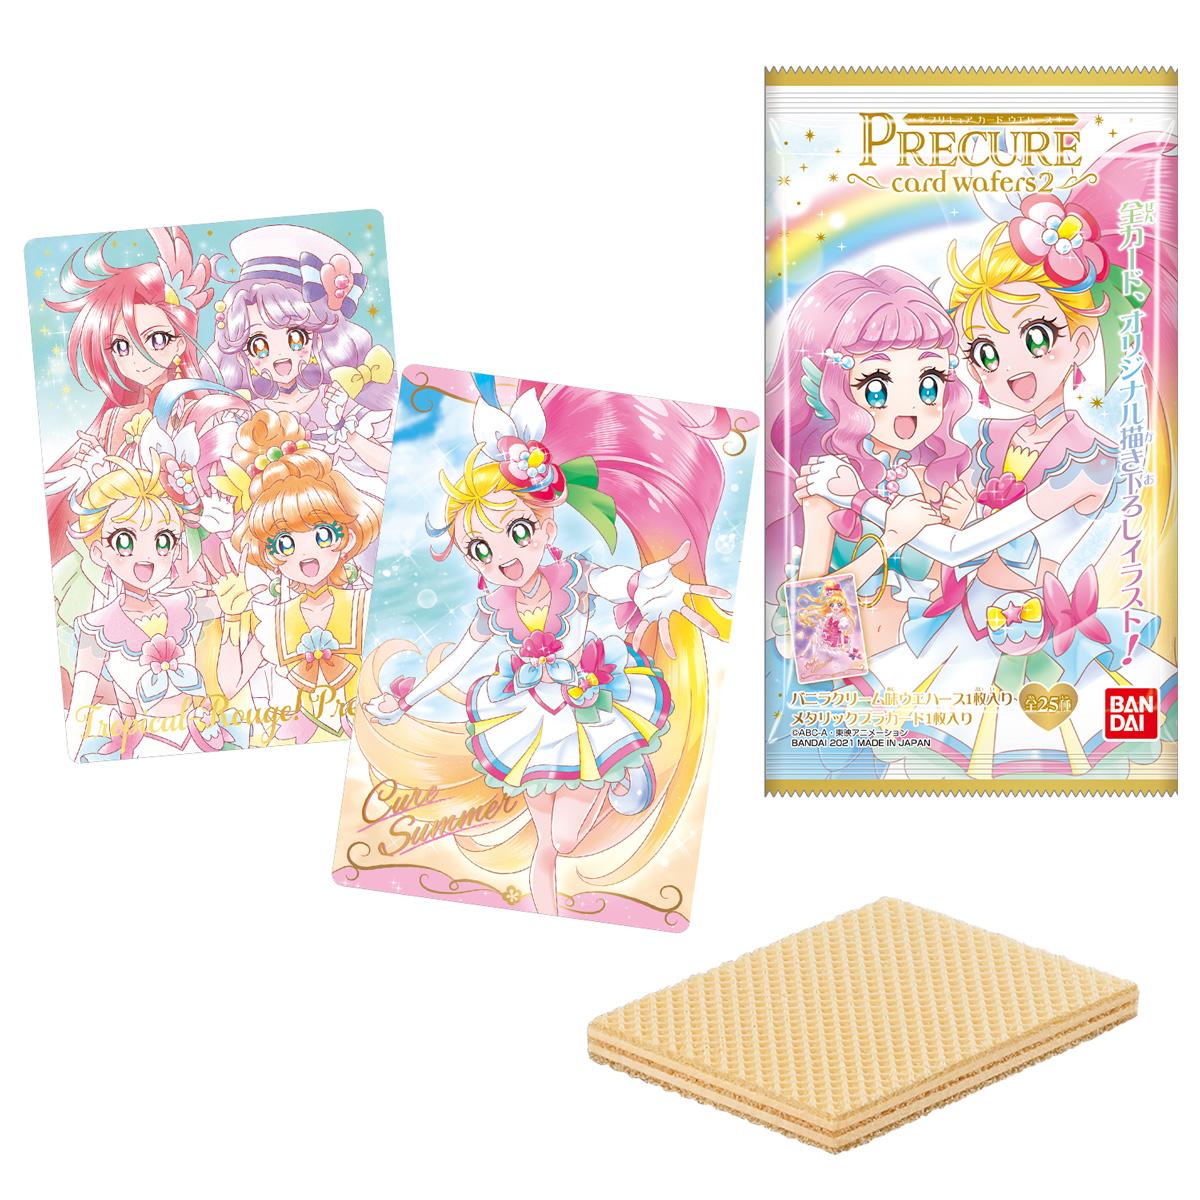 【食玩】プリキュア『プリキュア カードウエハース2』20個入りBOX-001